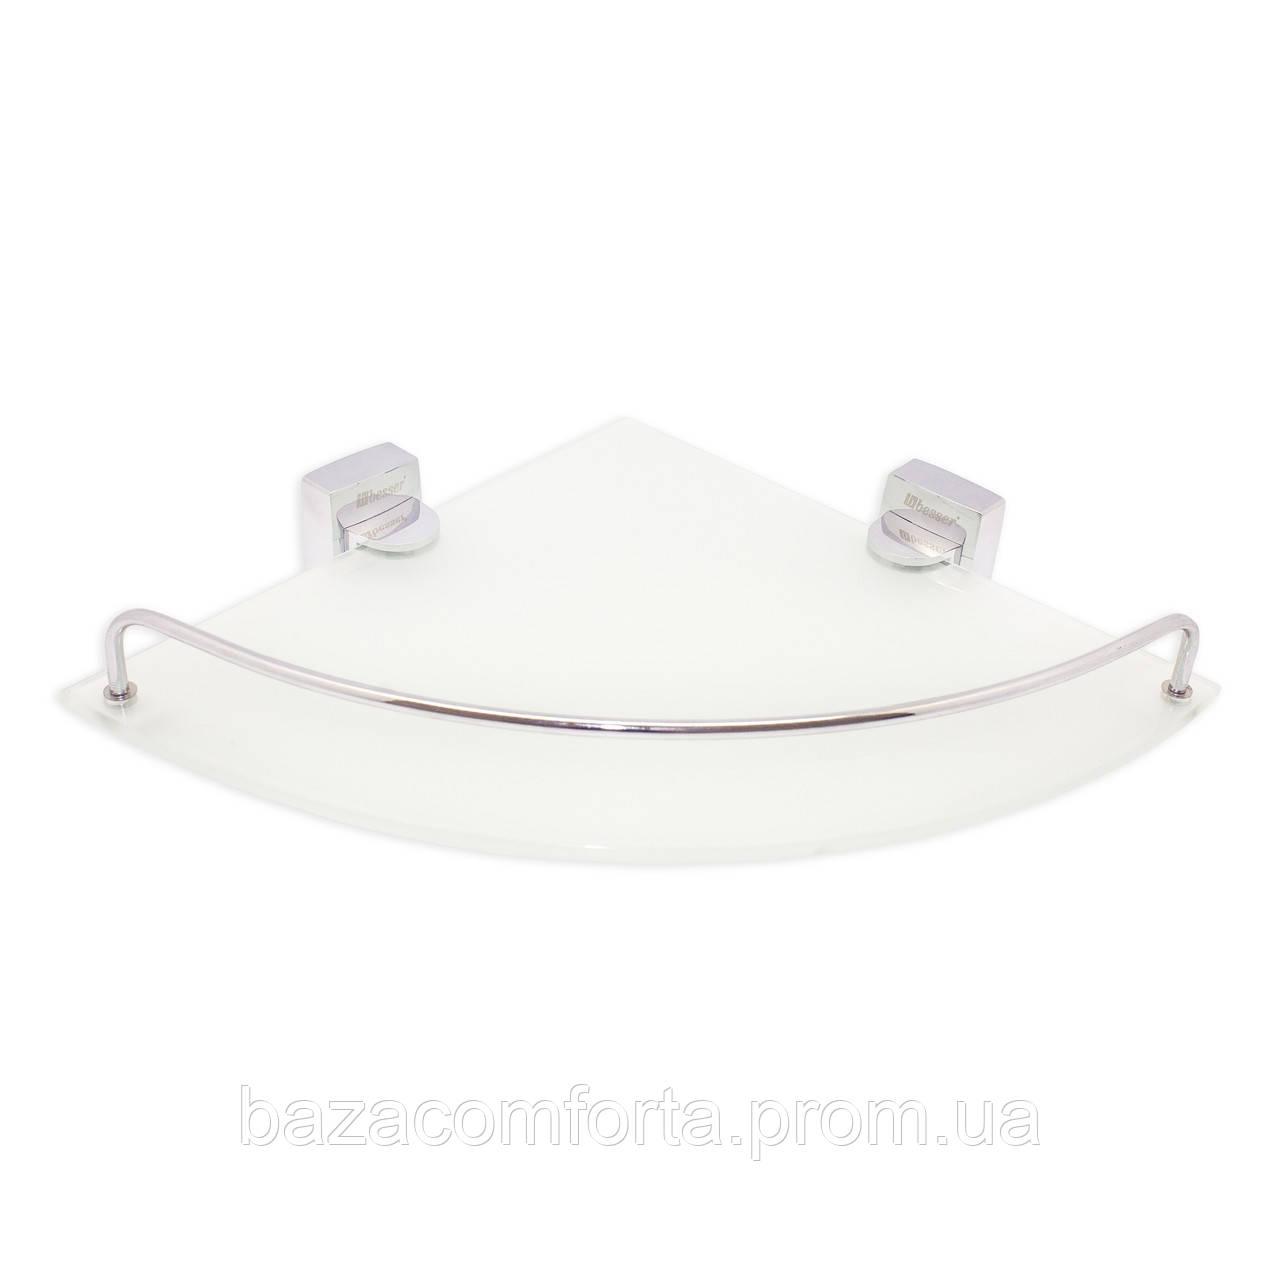 Полка для ванной Besser угловая стеклянная 28*28*6см